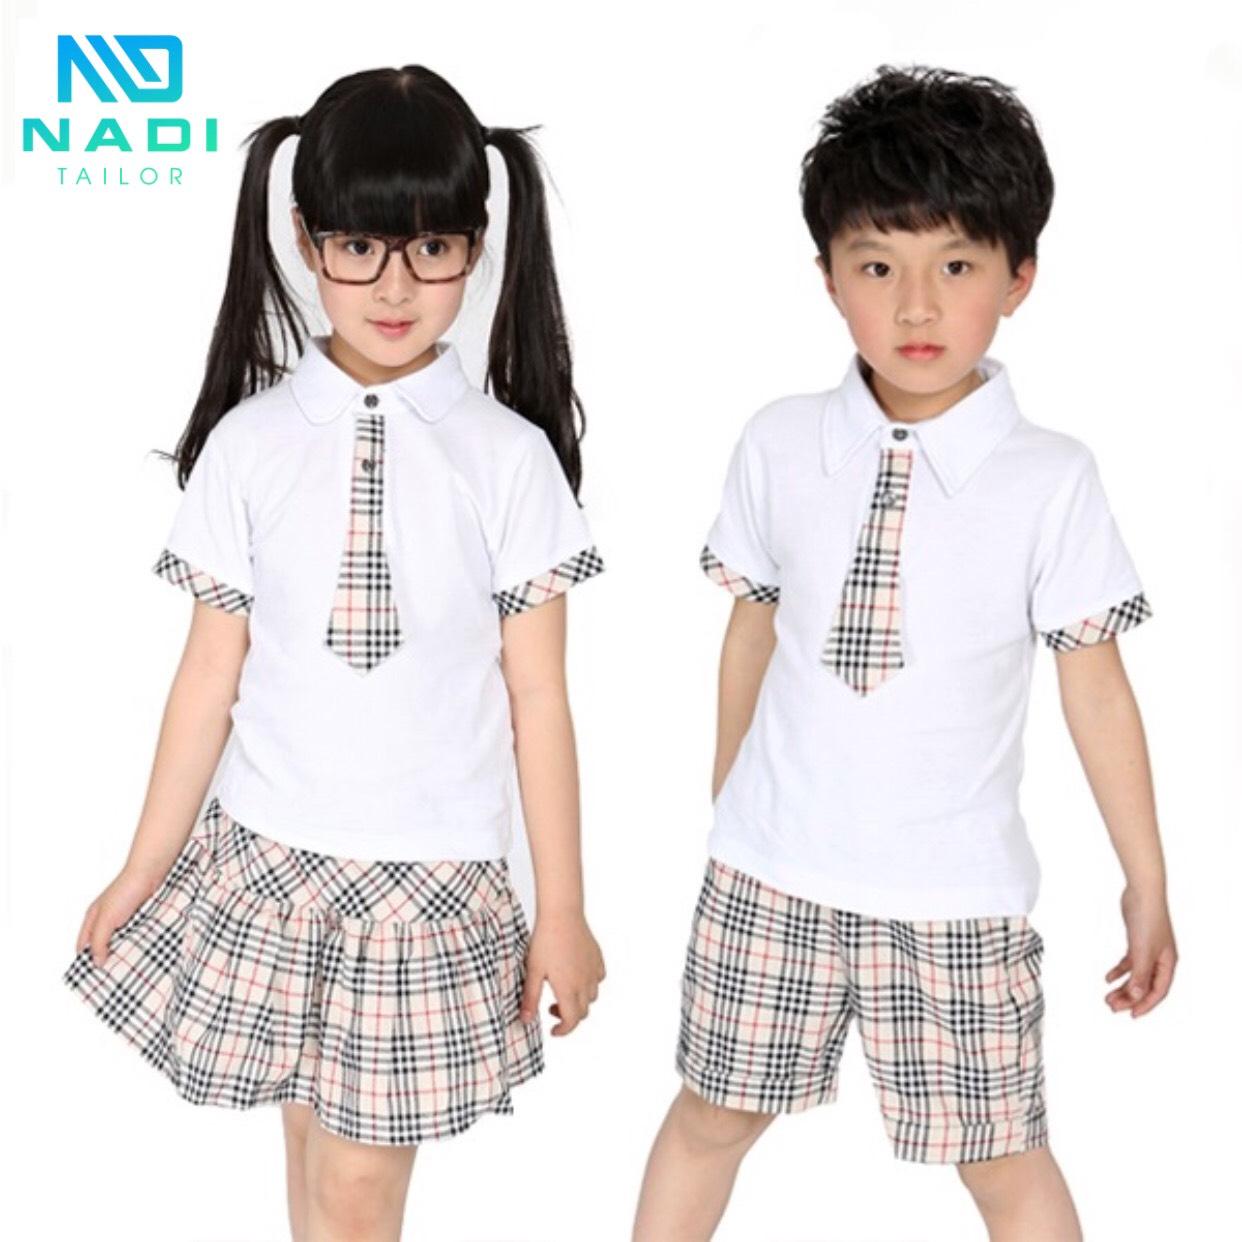 Khi đặt may trang phục cho các bạn học sinh ở độ tuổi còn nhỏ này nếu chọn vải quá dỏm, rất có thể ảnh hưởng đến sức khoẻ, gây ra những loại bệnh về da,…